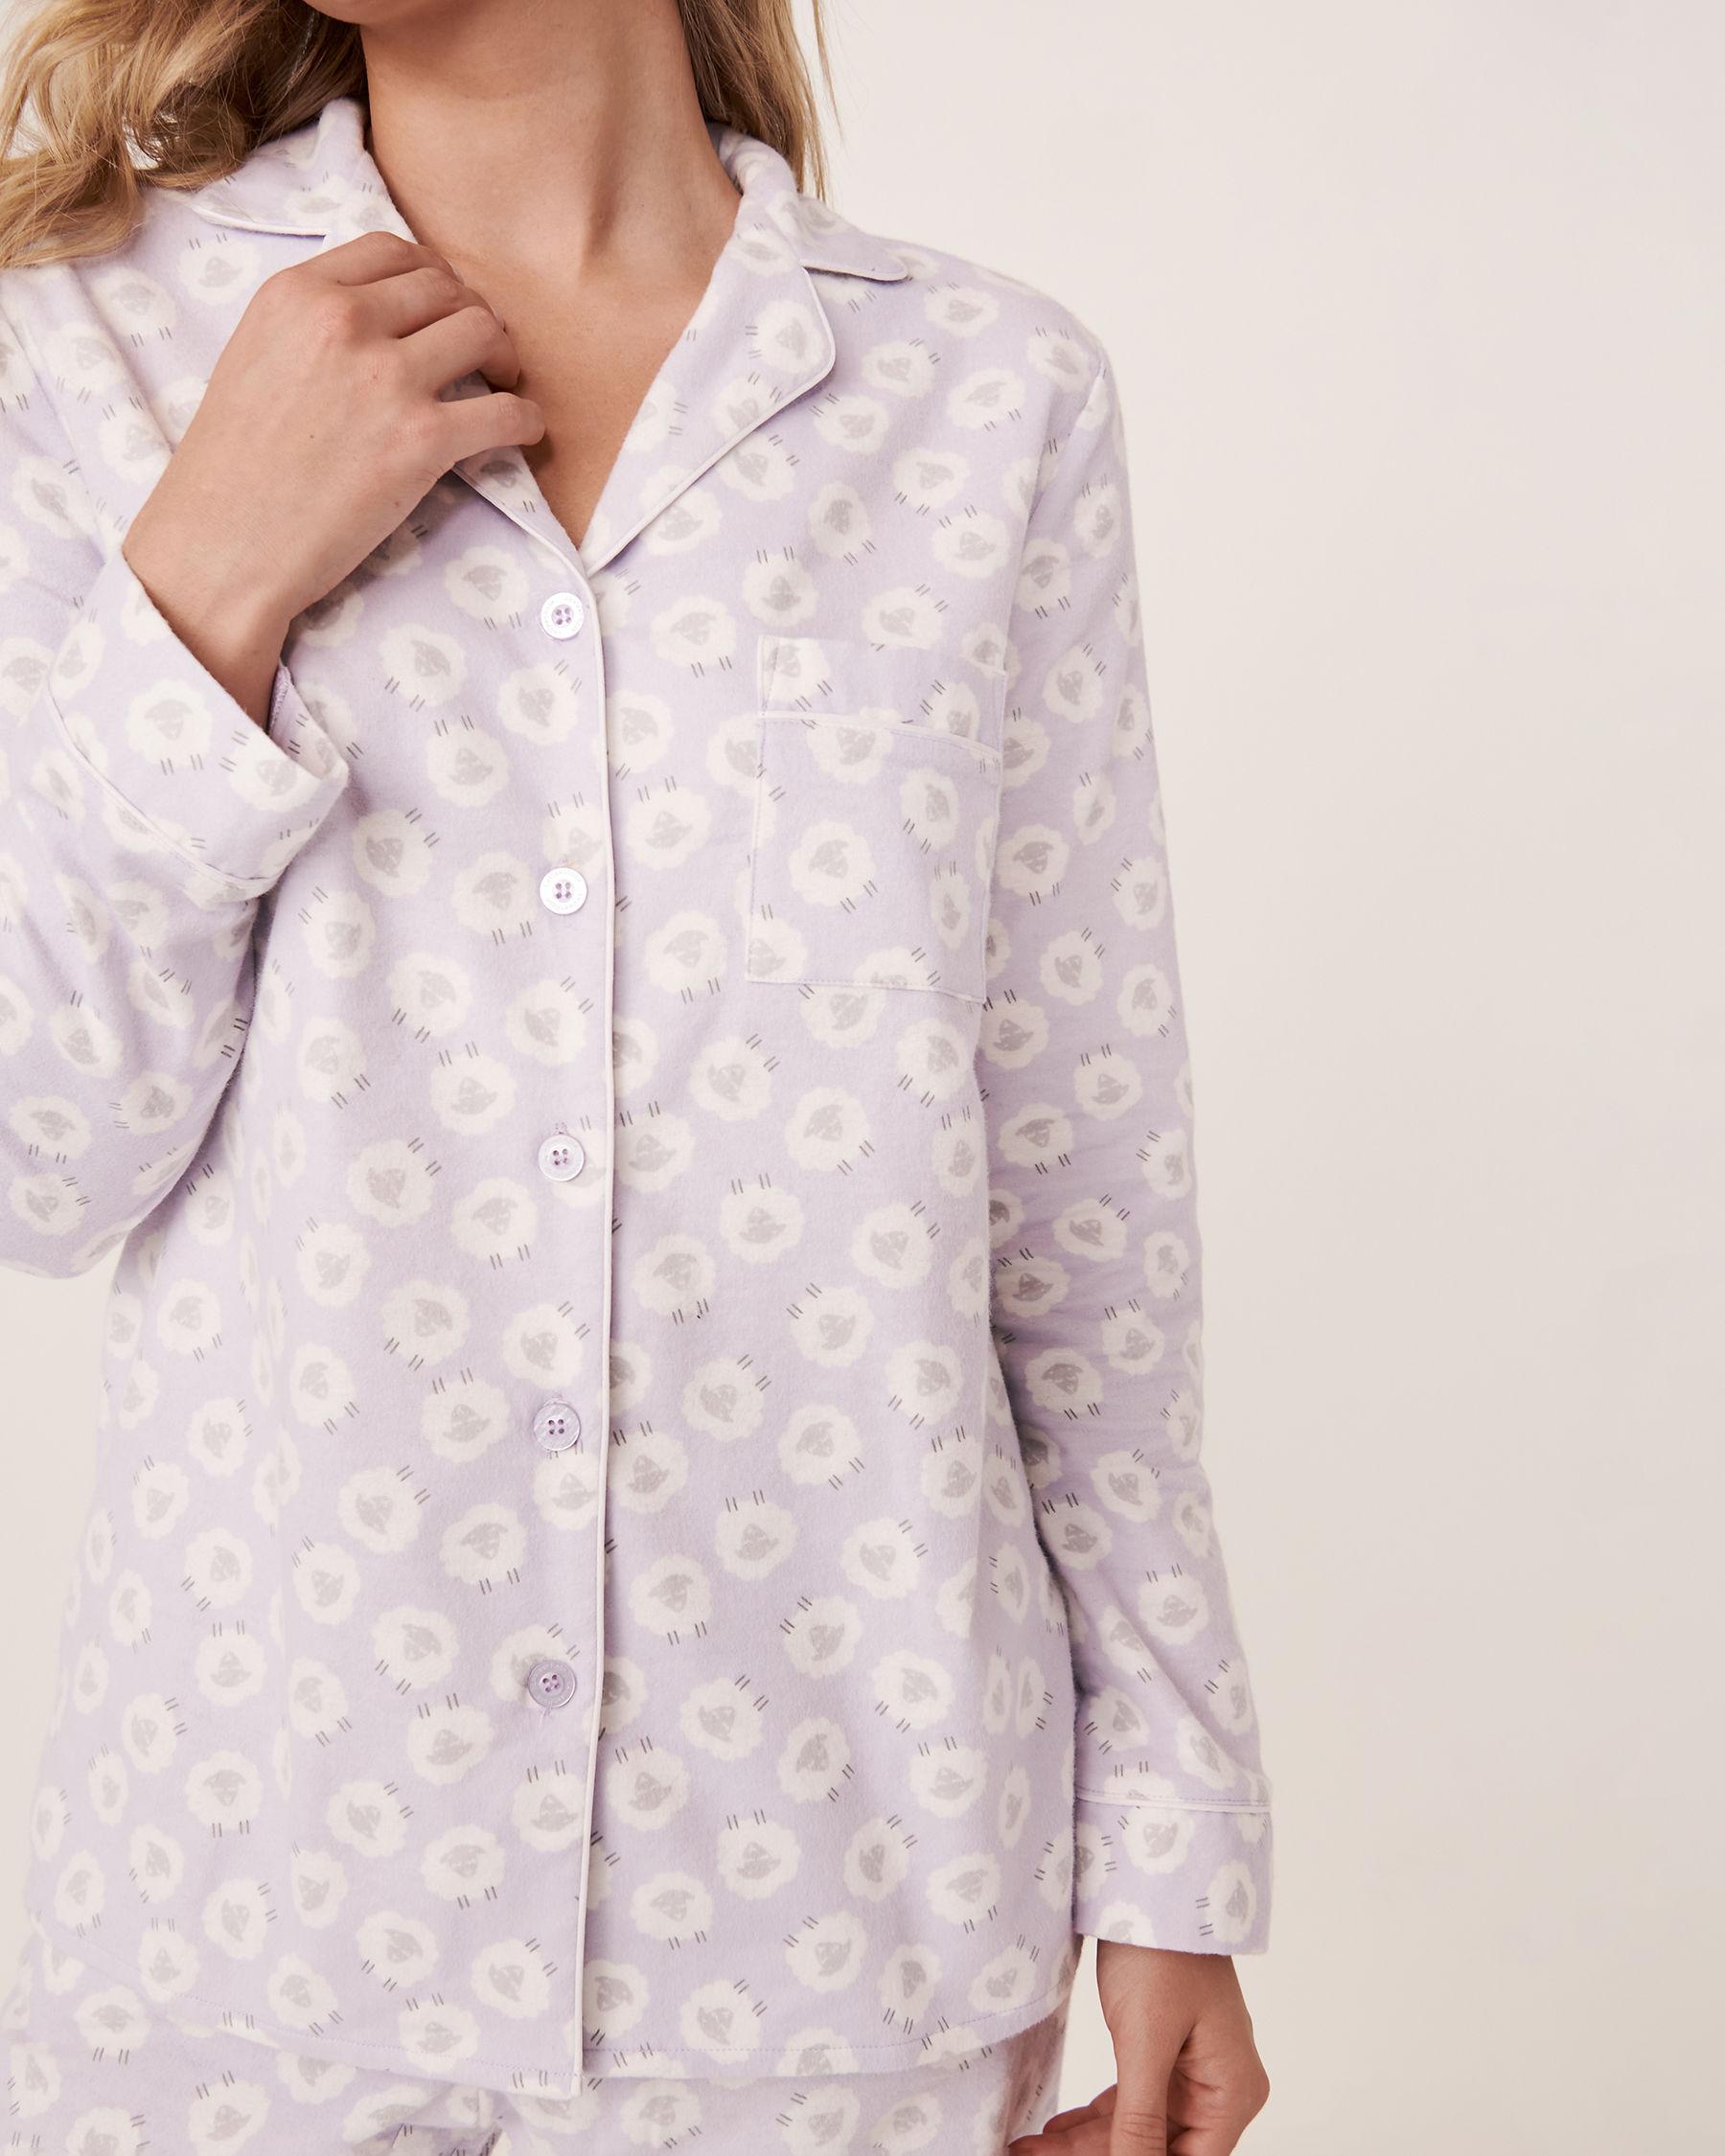 LA VIE EN ROSE Flannel PJ Set Sheep 40400012 - View1